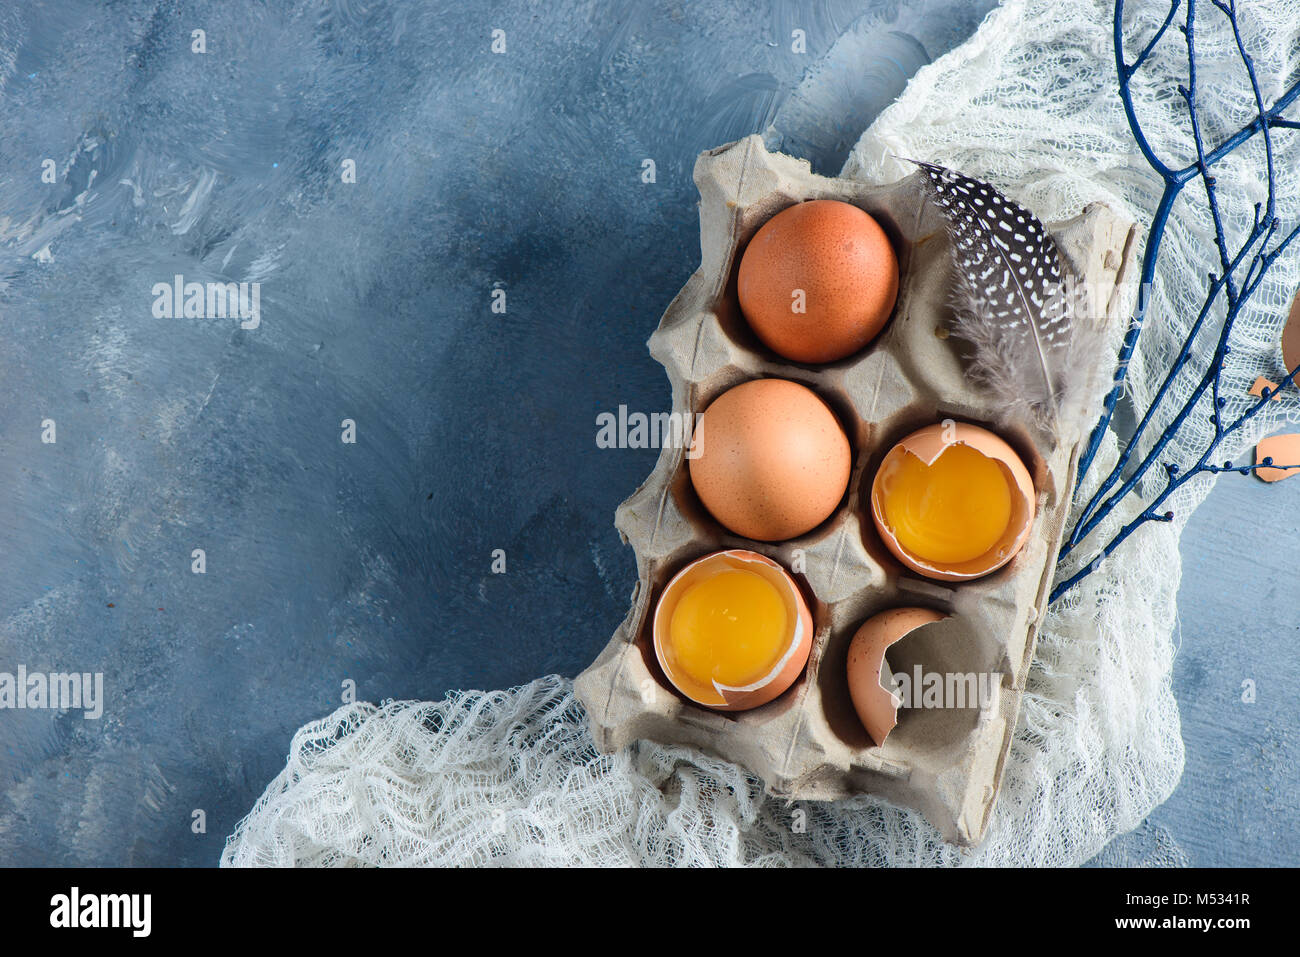 Ostern Dekorationen Konzept mit frischen Eiern in einem Karton, Äste und Tuch runner auf einen konkreten Hintergrund. Stockbild